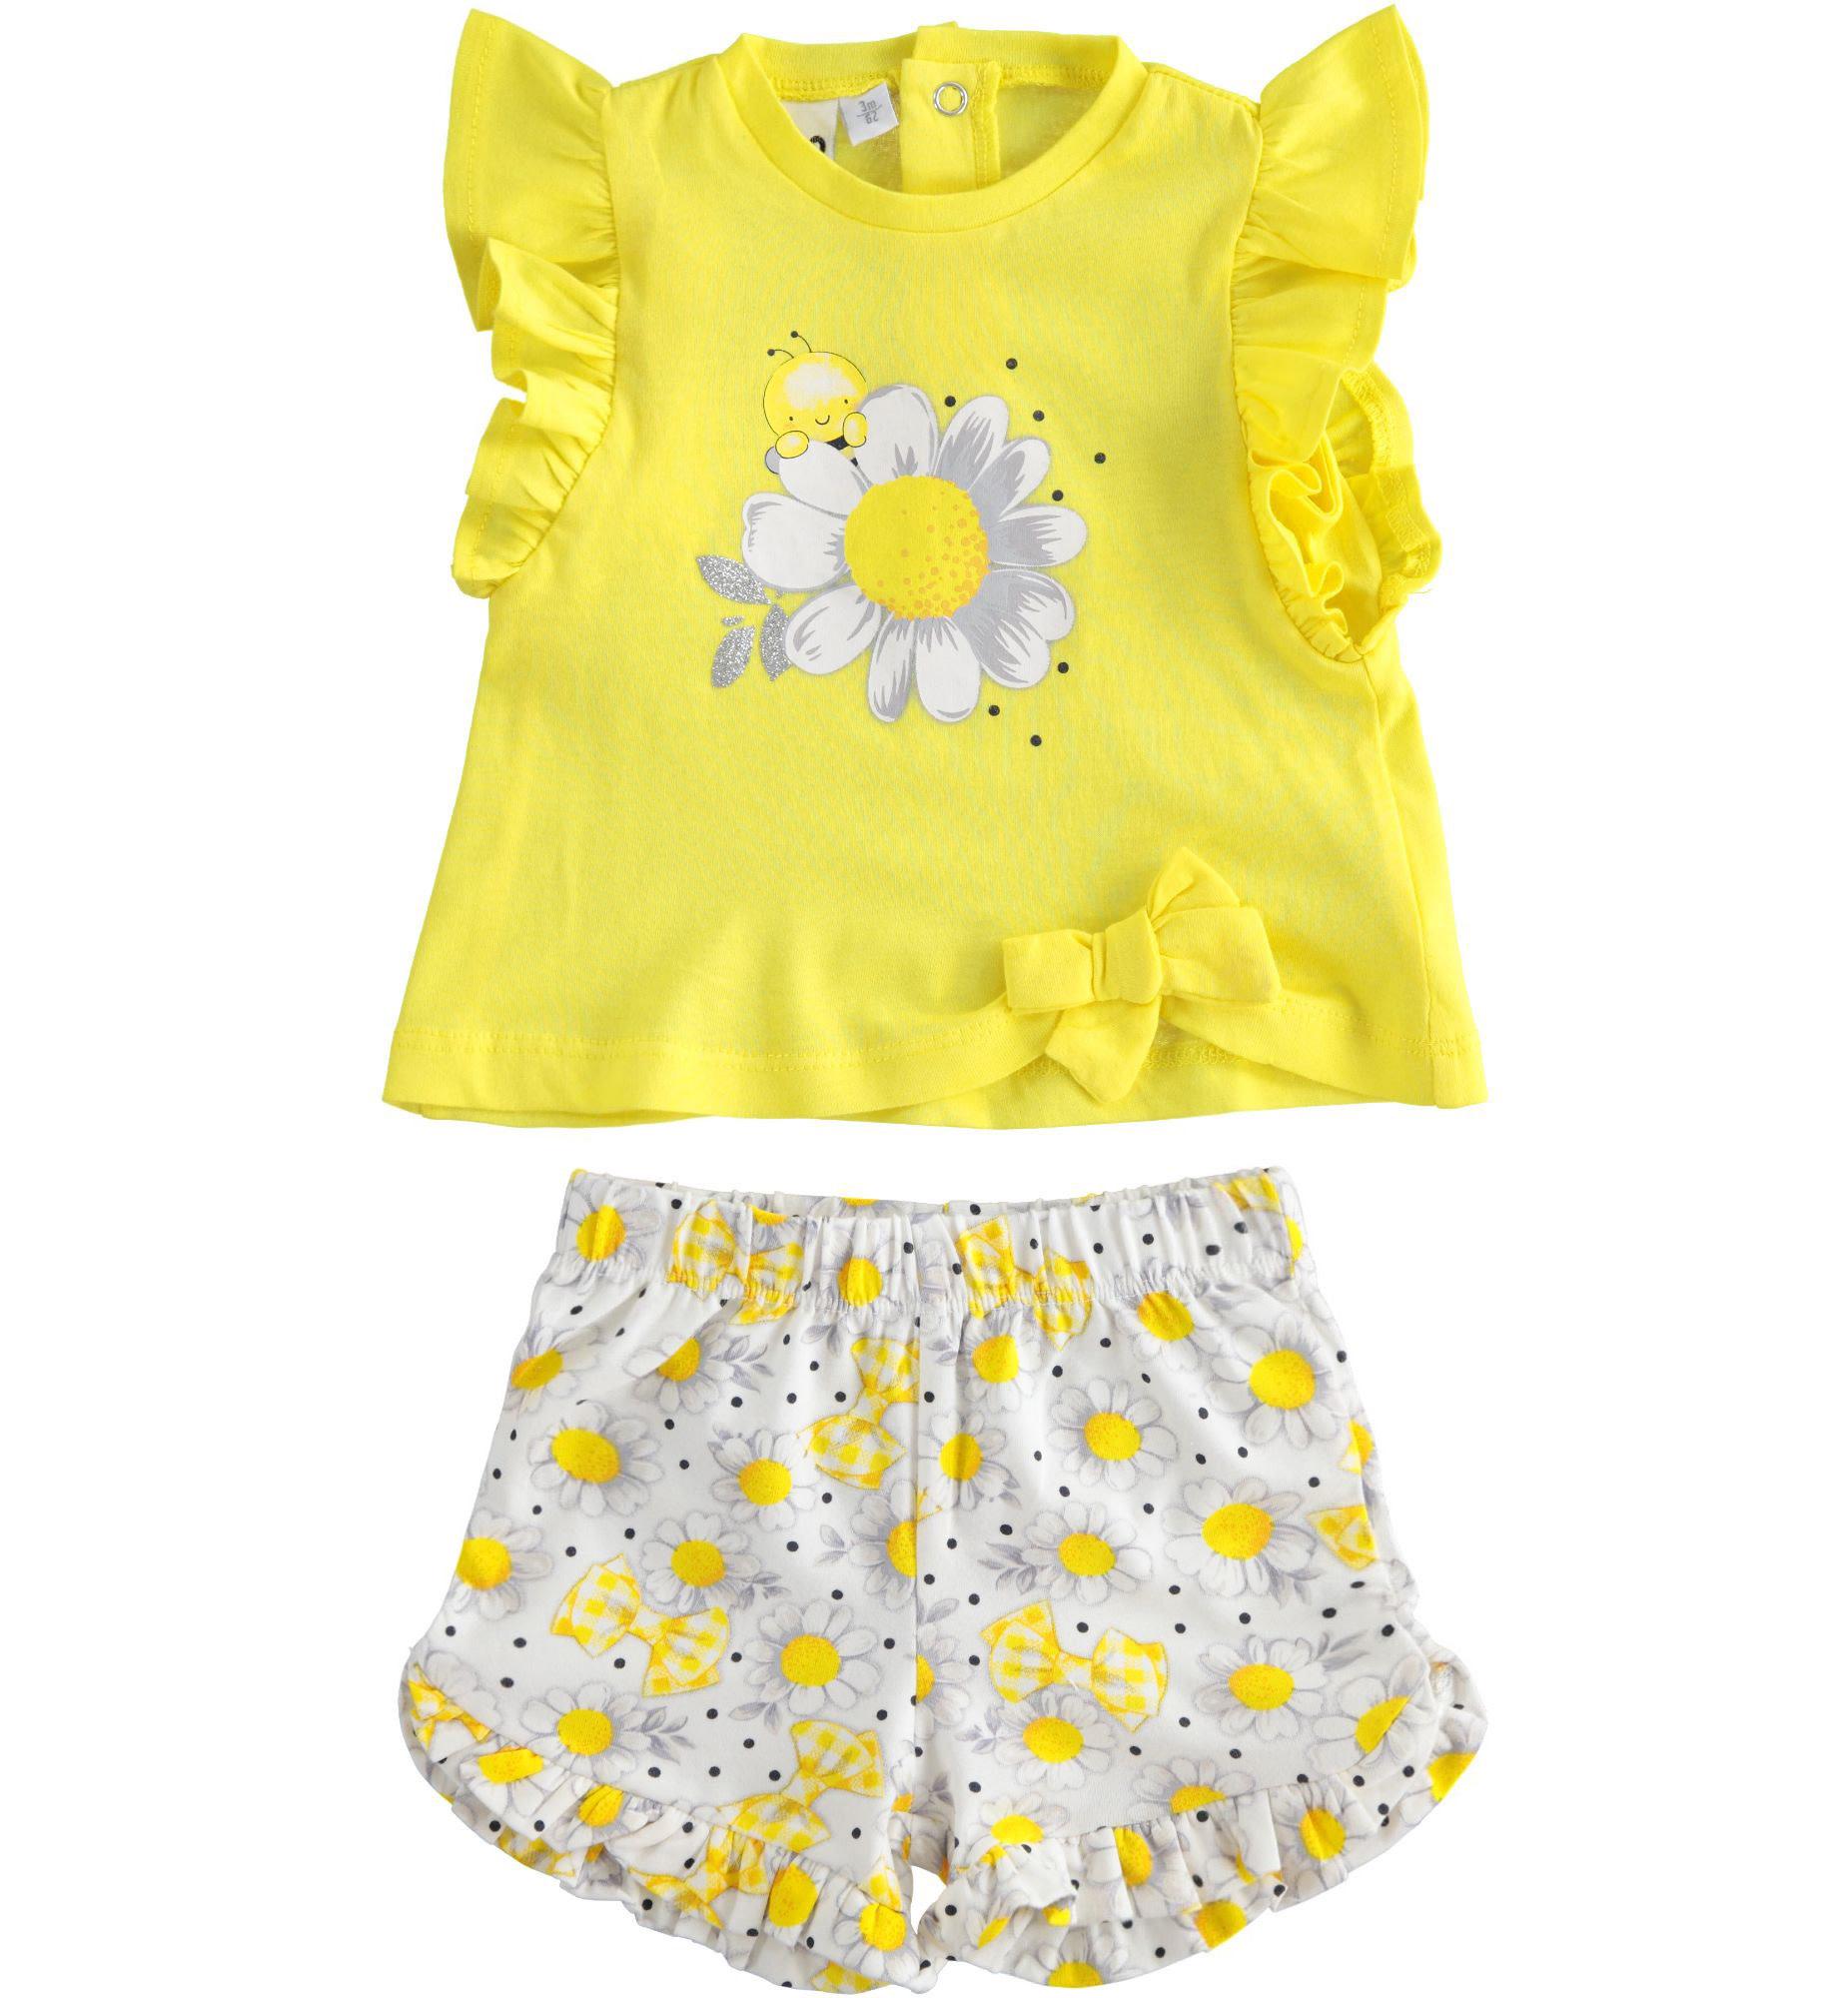 iDo iDO SS20 Girls Yellow Bee Daisy Shorts Set J654